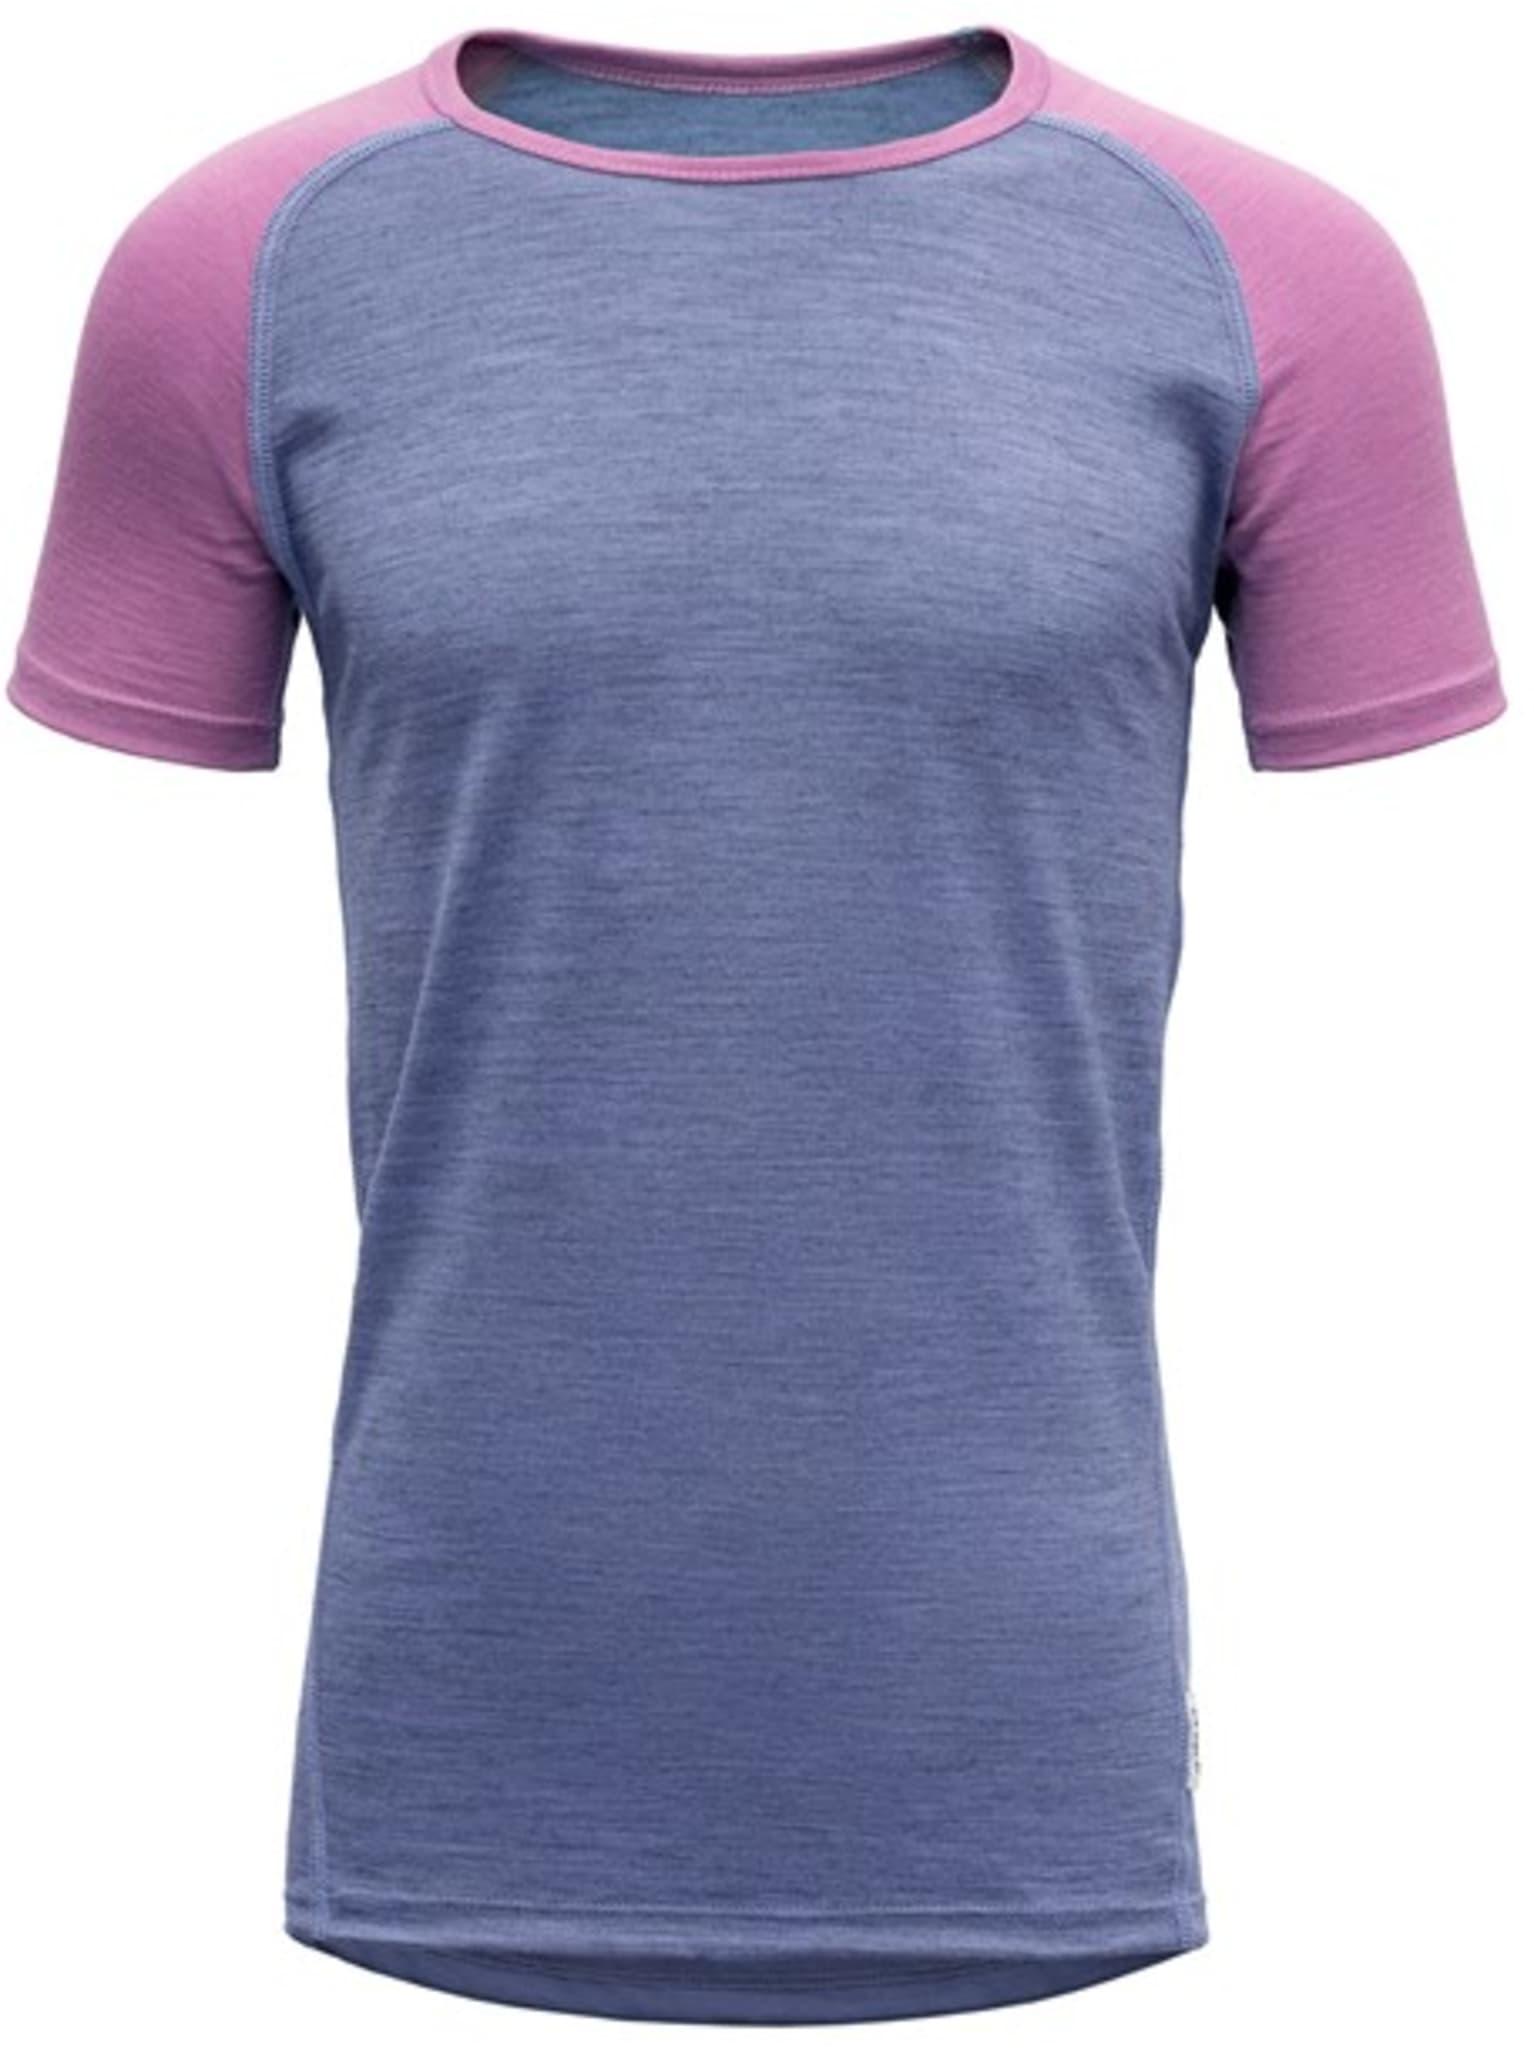 Lett og lun t-skjorte til junior